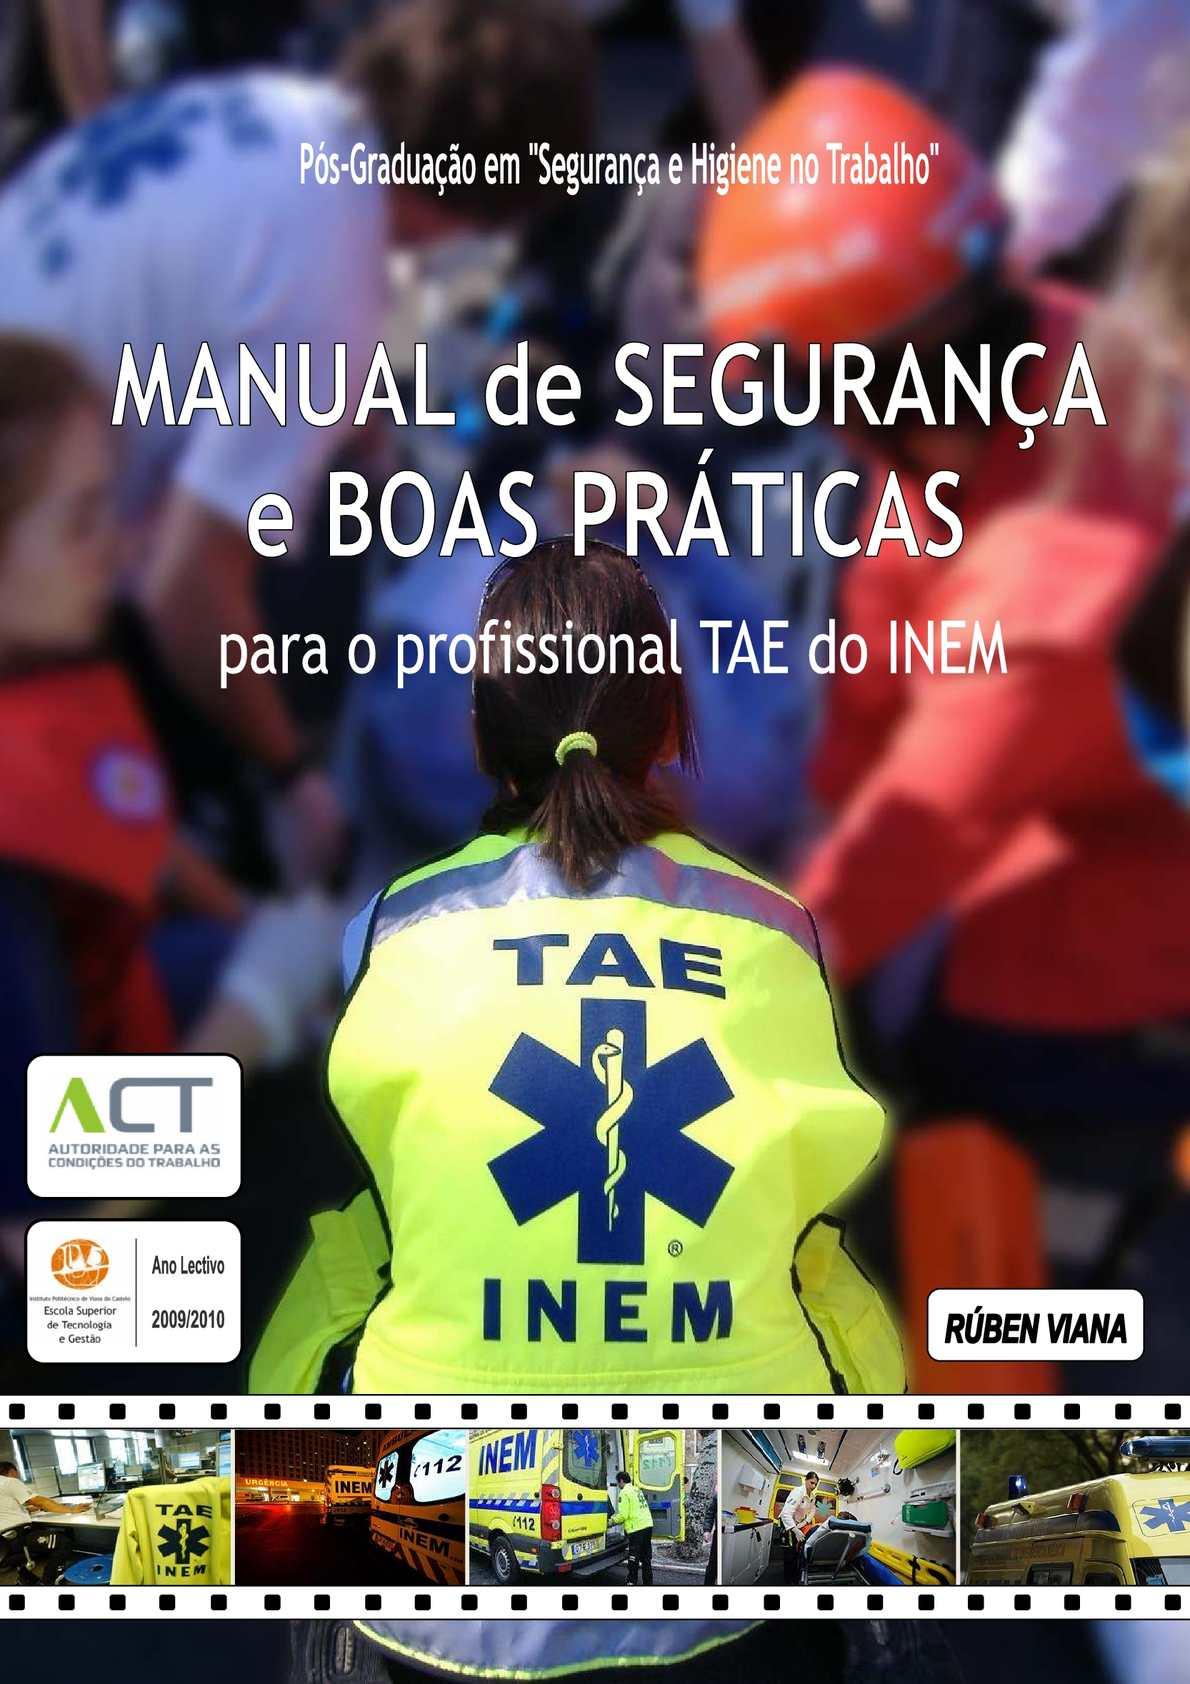 Calaméo - Manual de Segurança e Boas Práticas para os profissionais da  emergência Pré-hospitalar 5bdffb831a